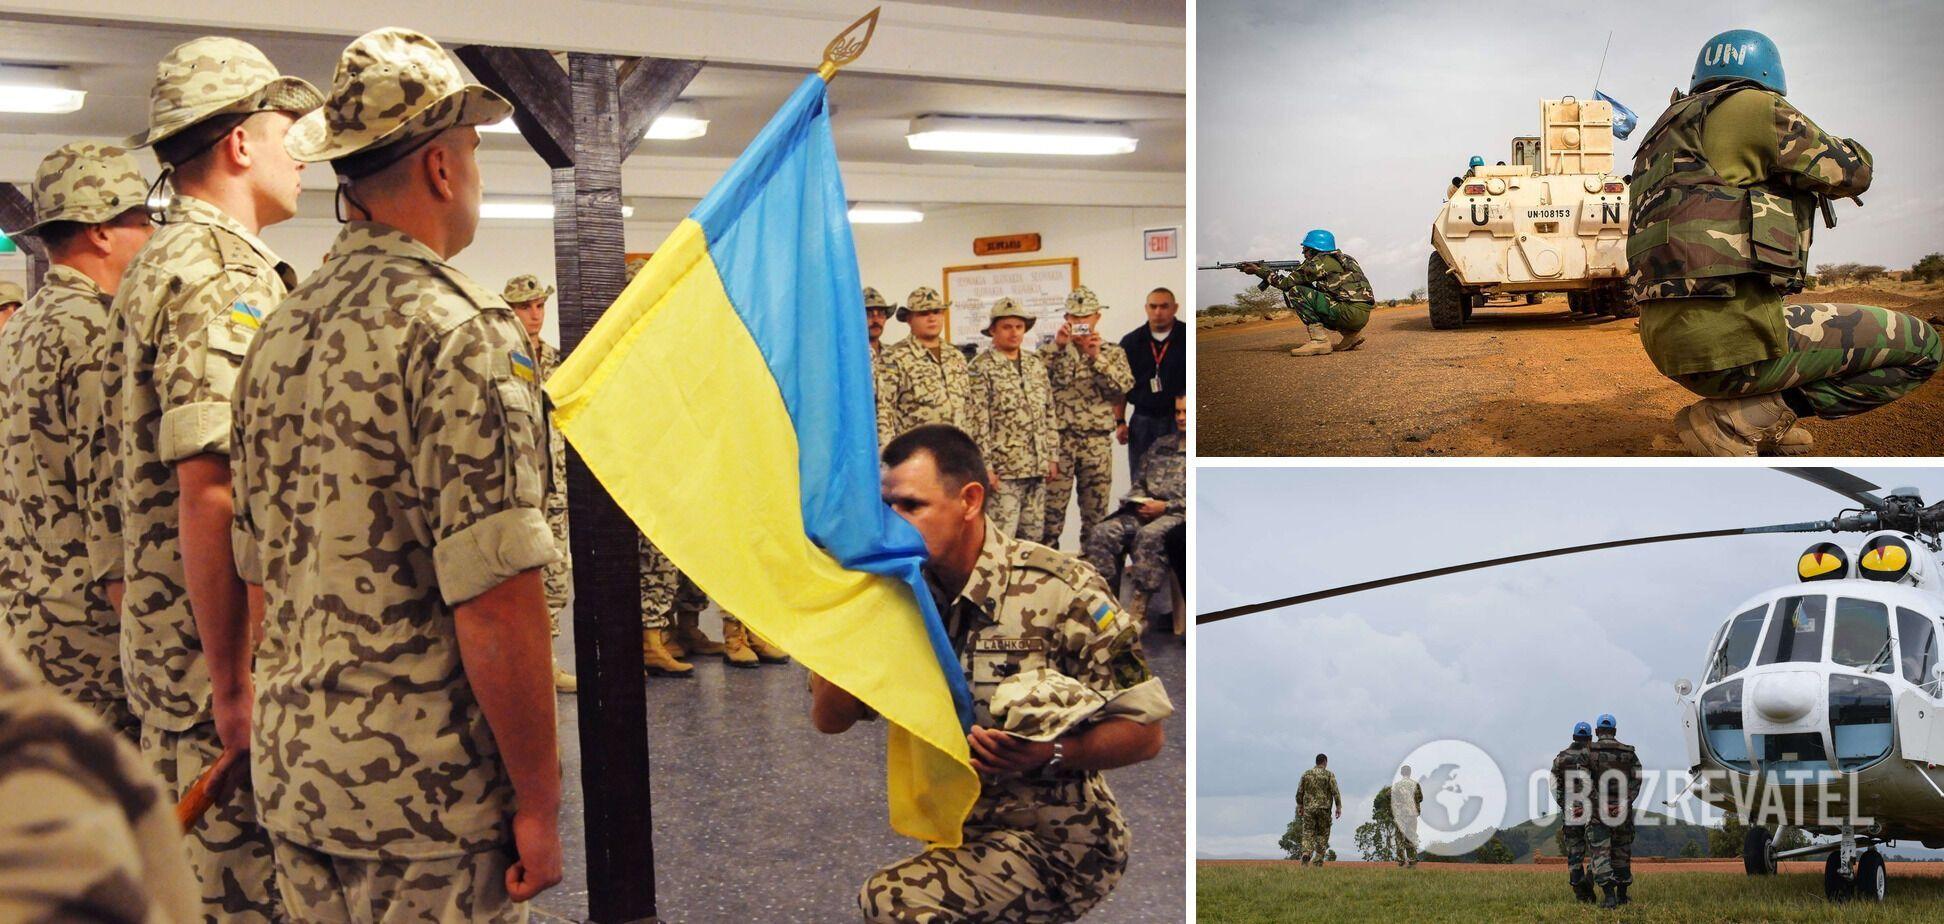 Порошенко заявив про право України на миротворчу місію під егідою ООН